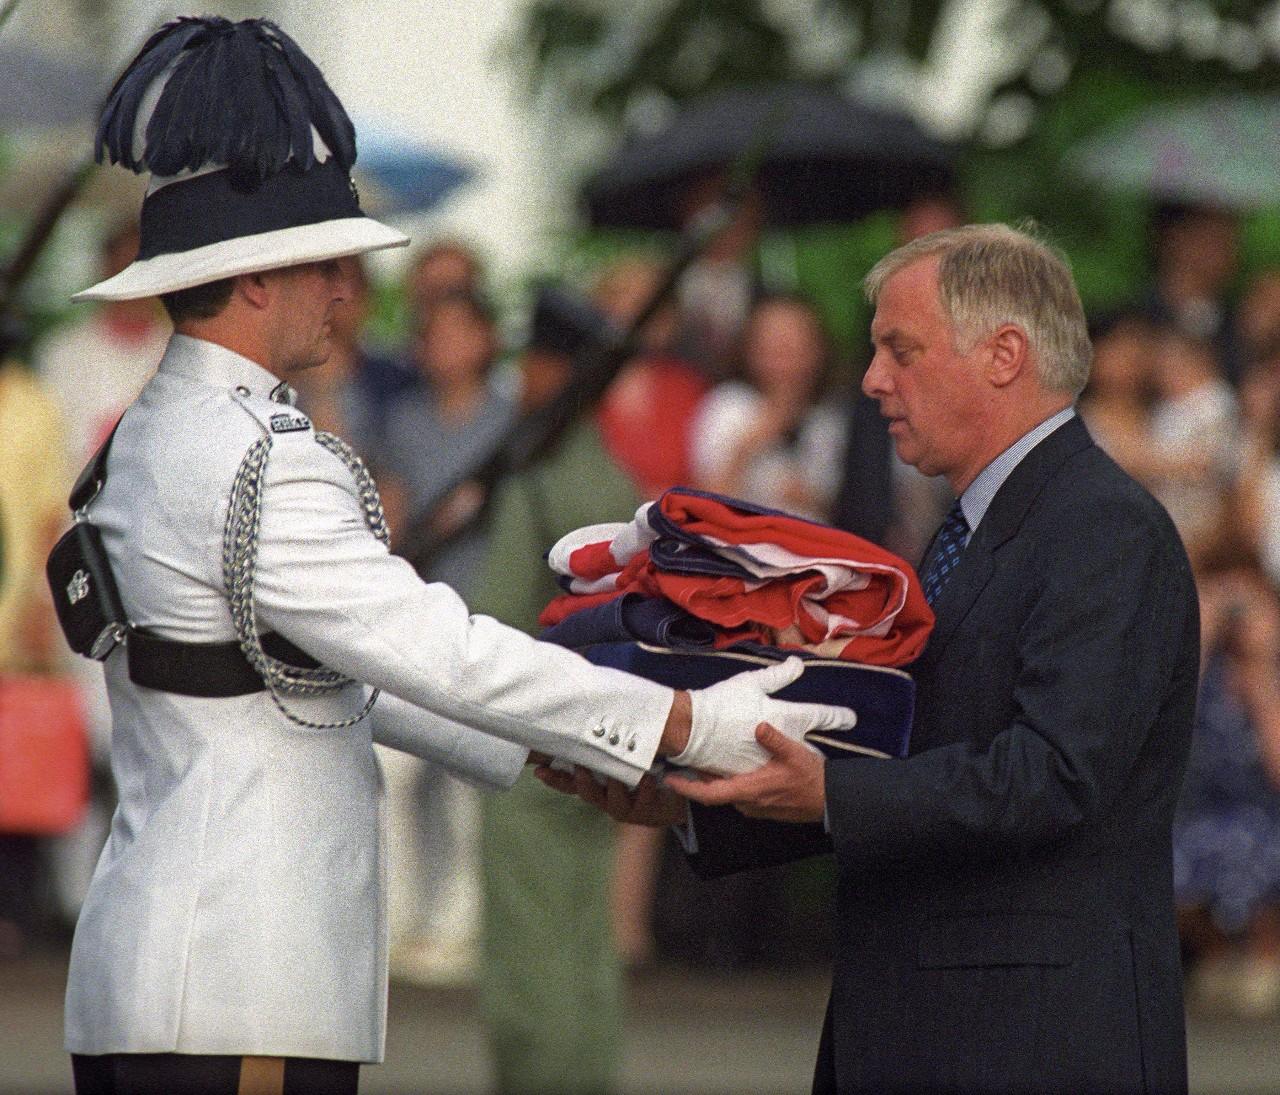 △1997年6月30日,香港,在英国国旗最后一次降下后,香港总督彭定康接收英国国旗